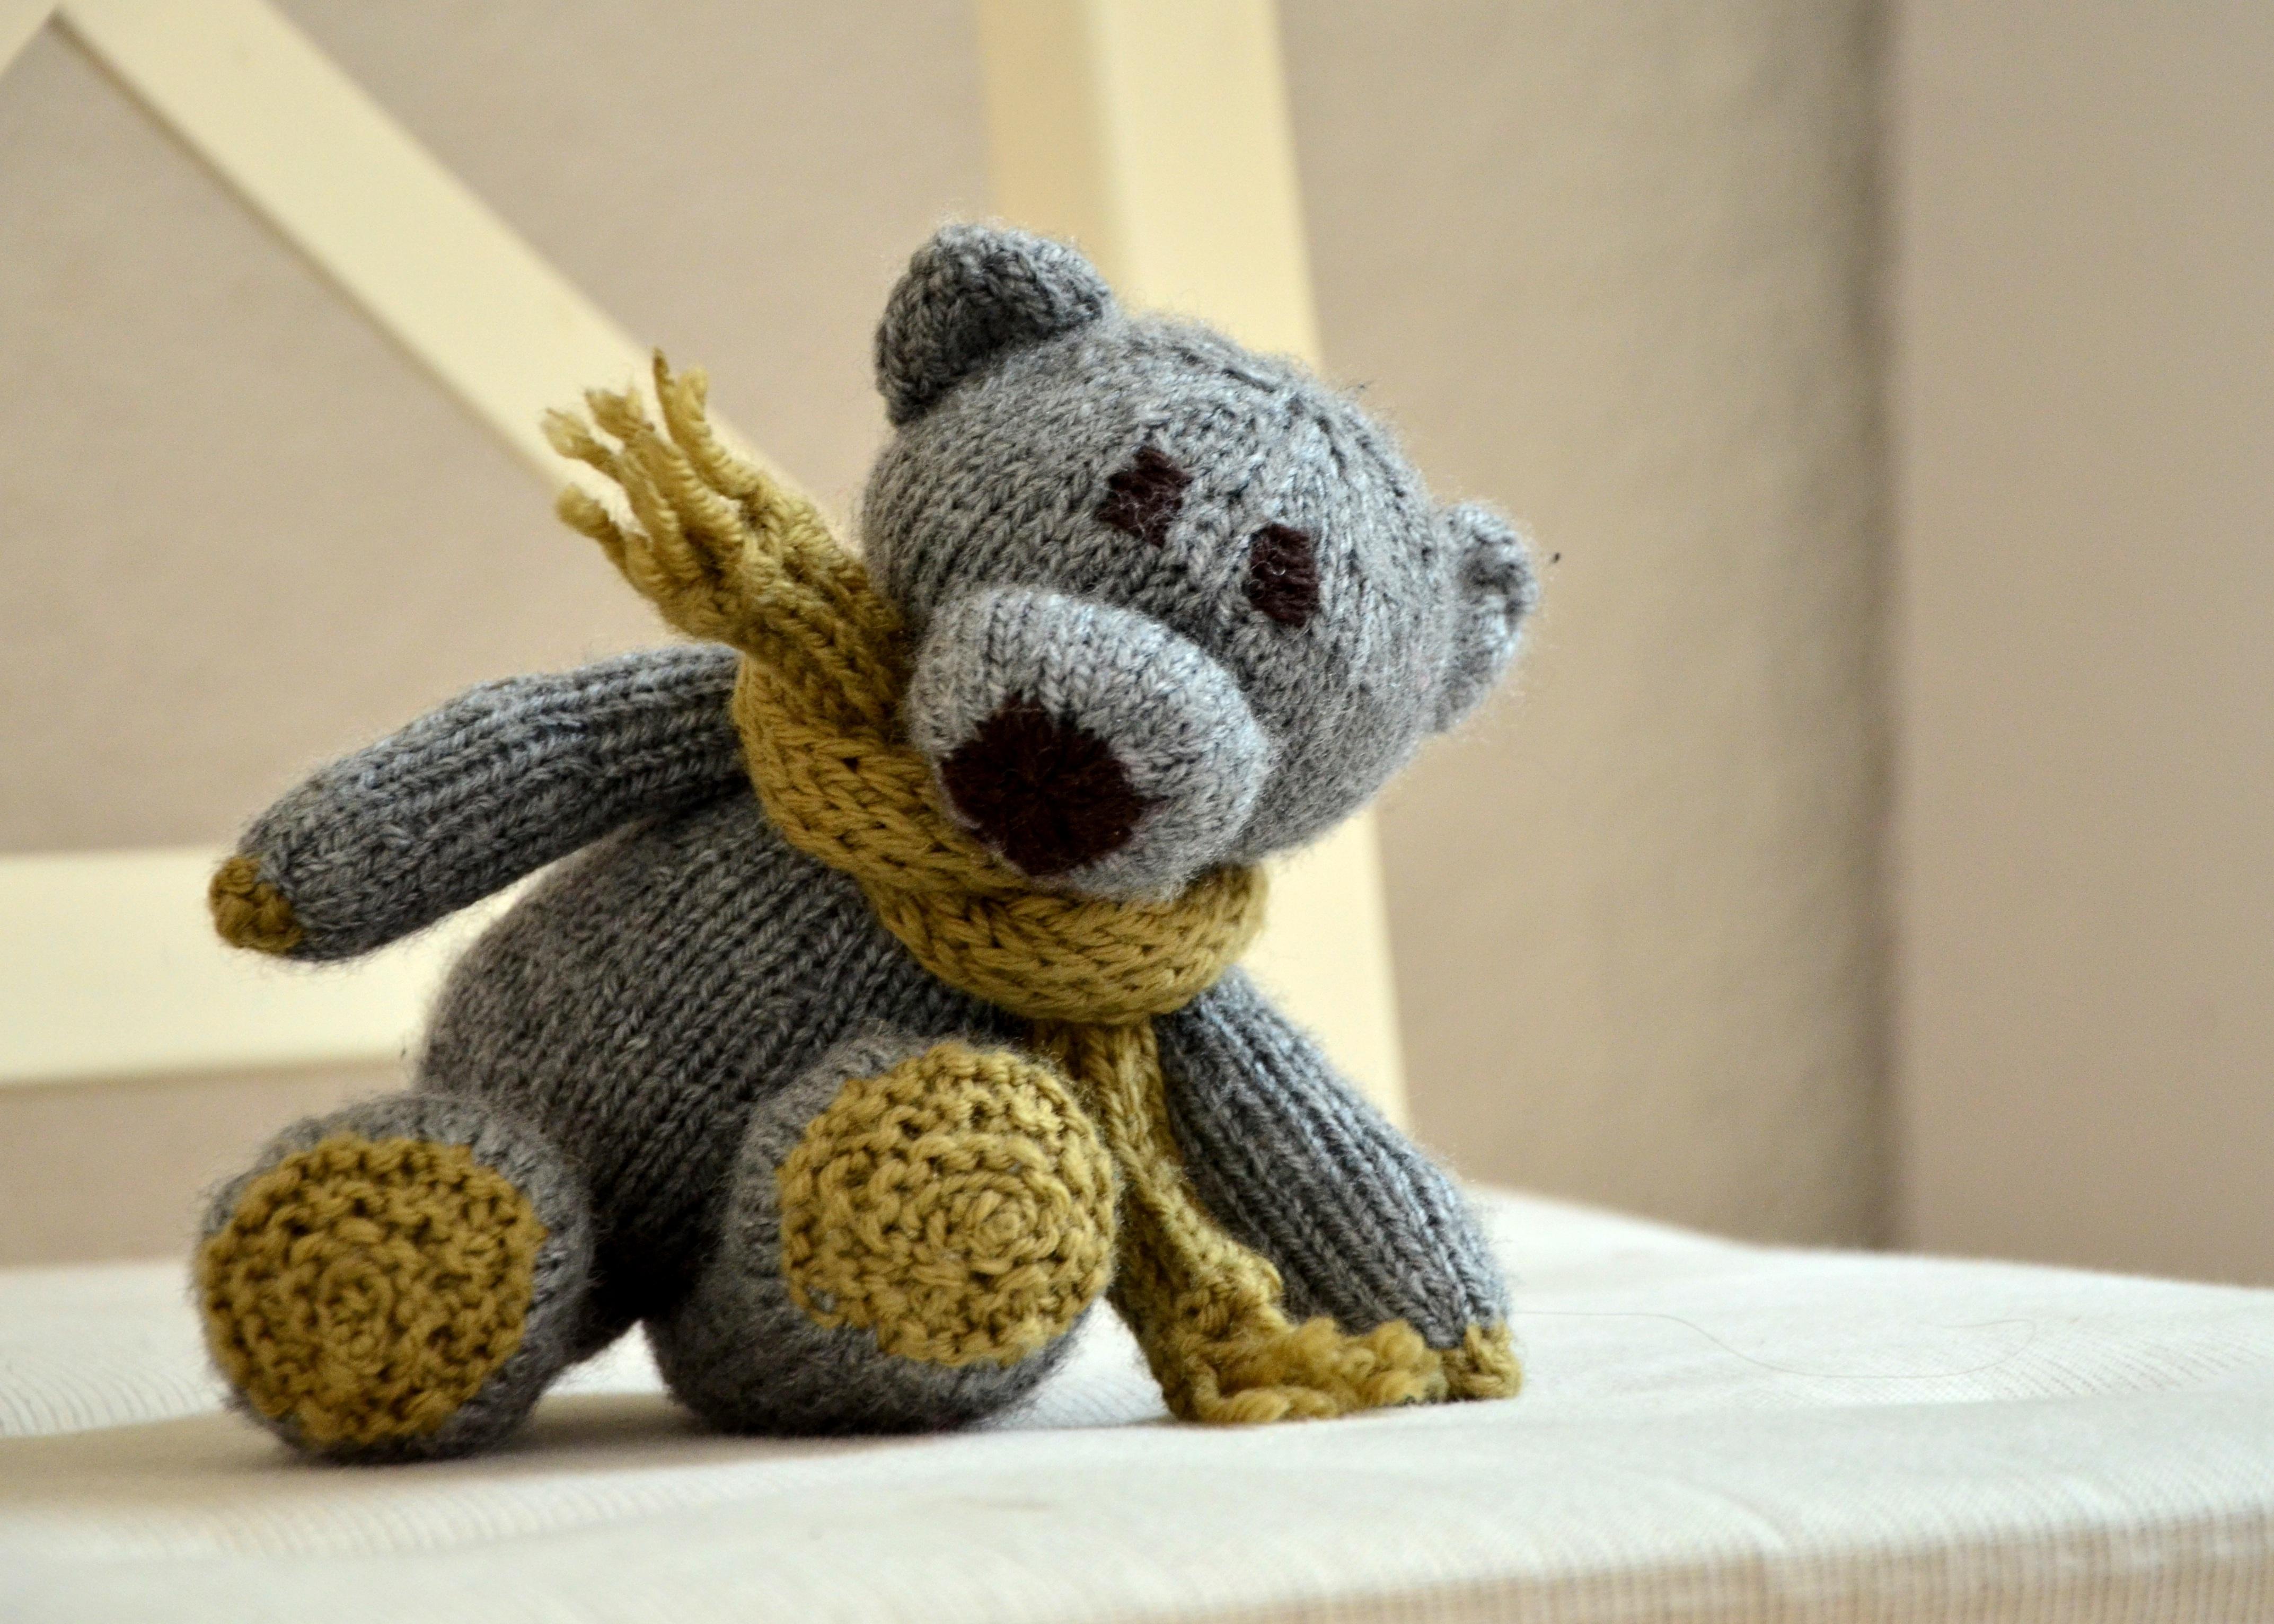 Fotos gratis : linda, tejer, juguete, lana, material, oso de peluche ...